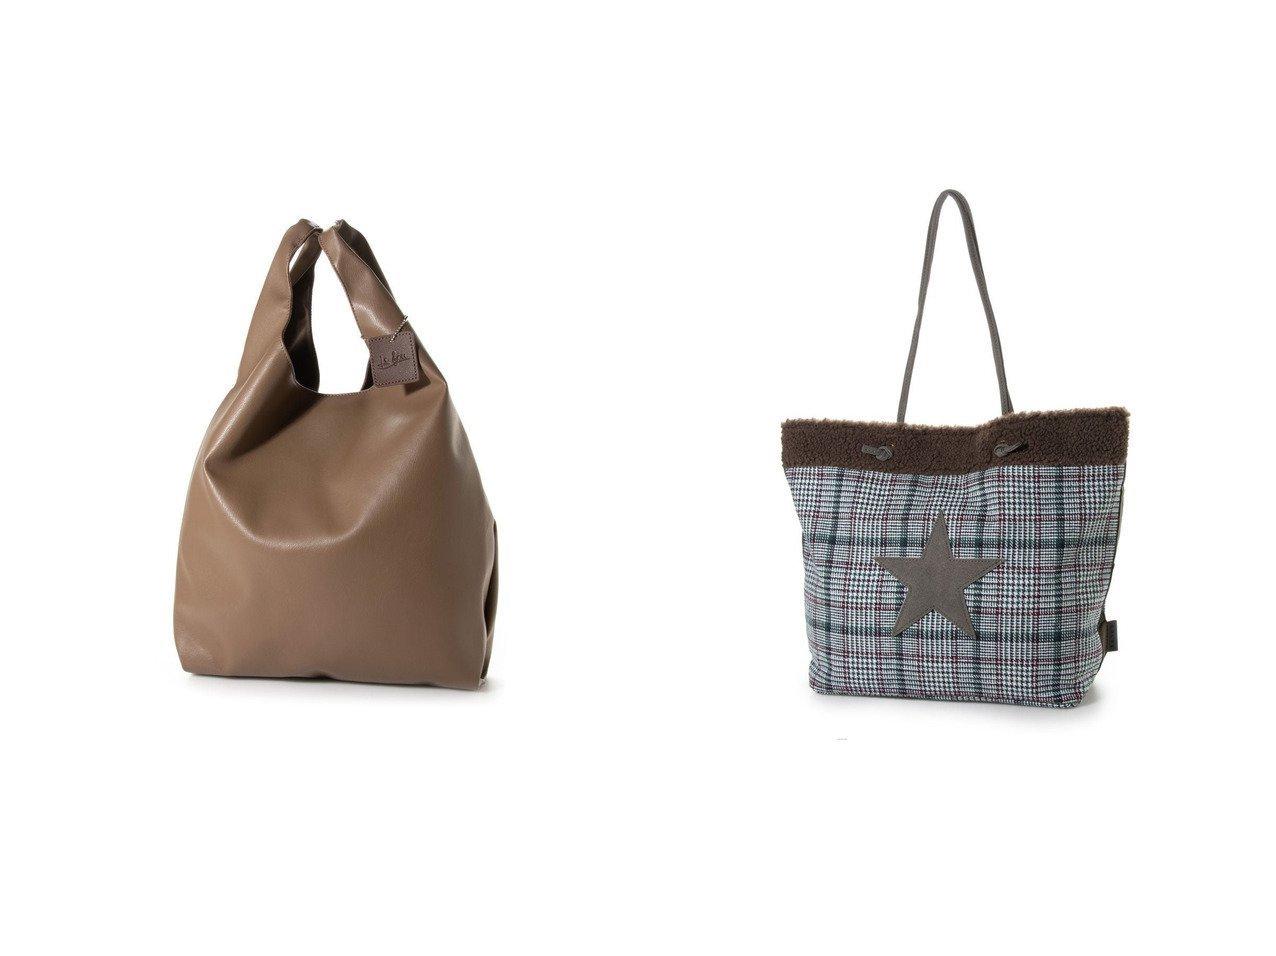 【Le son/ル ソン】のル ソン Le son 大容量マルチWAYバッグ&【COLDE/コルデ】の星パッチトートバッグ バッグ・鞄のおすすめ!人気、トレンド・レディースファッションの通販 おすすめで人気の流行・トレンド、ファッションの通販商品 メンズファッション・キッズファッション・インテリア・家具・レディースファッション・服の通販 founy(ファニー) https://founy.com/ ファッション Fashion レディースファッション WOMEN バッグ Bag シンプル 財布 |ID:crp329100000014999